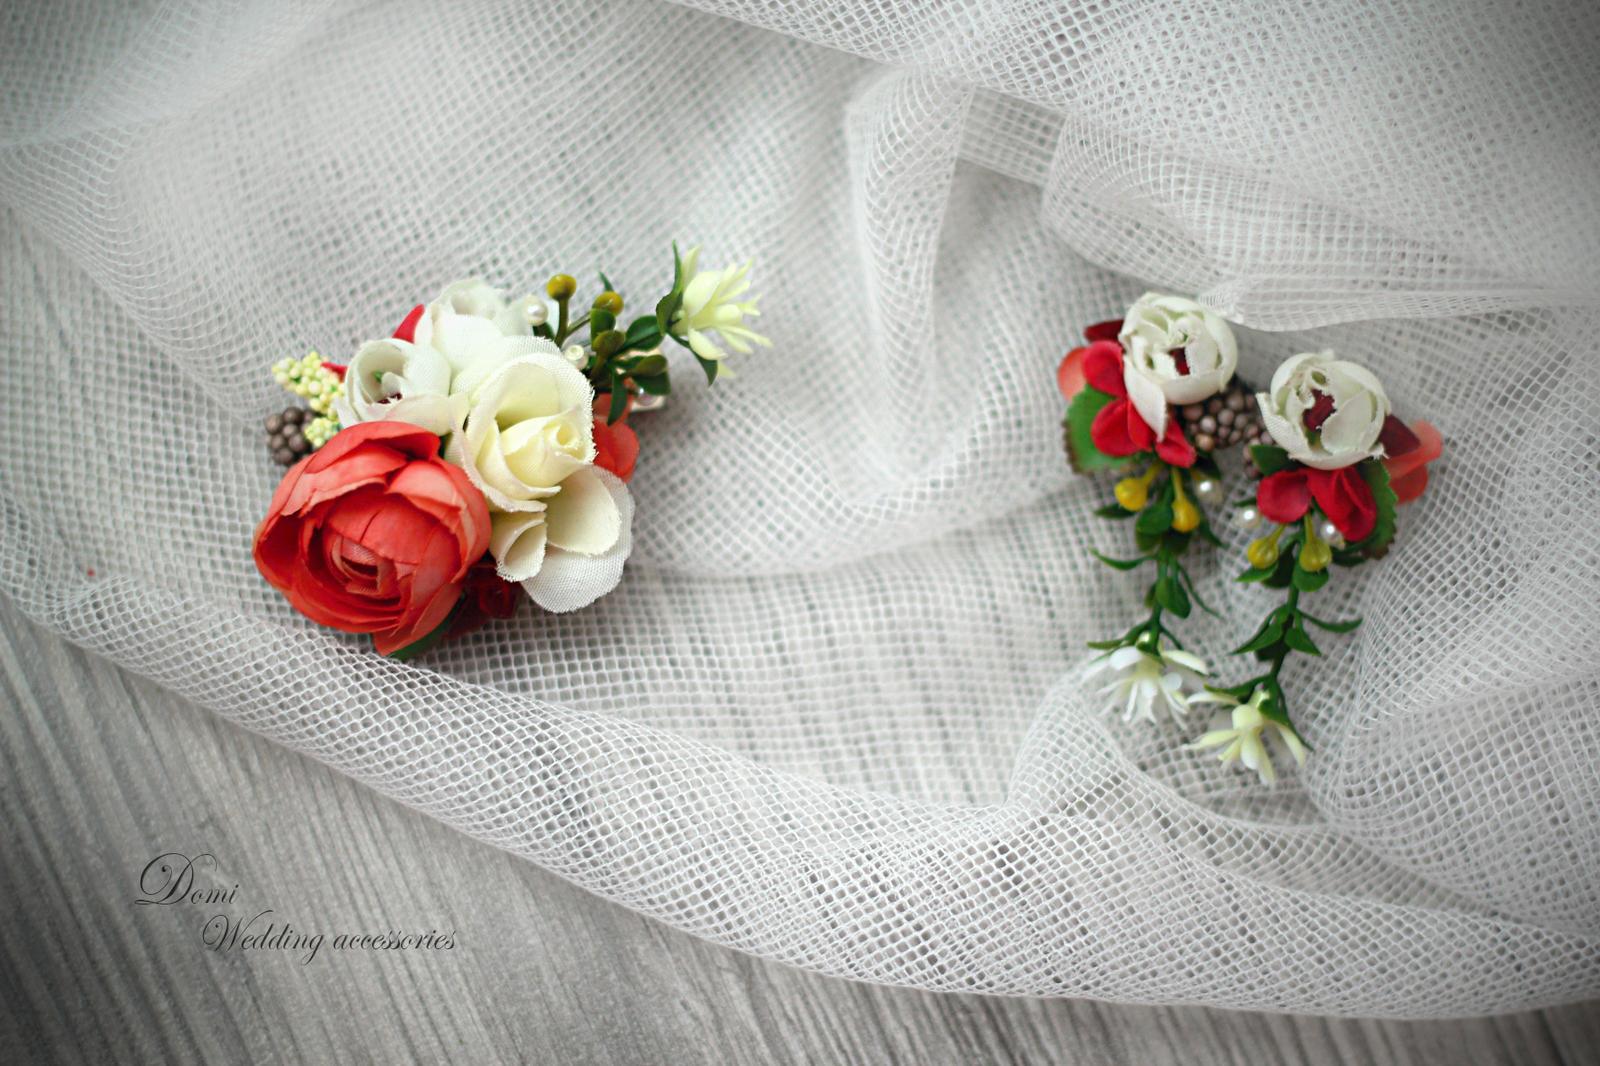 Doplnky pre nevestu, ženícha, družičky z trvácnych kvietkov... inšpirácie ♥ - Obrázok č. 23